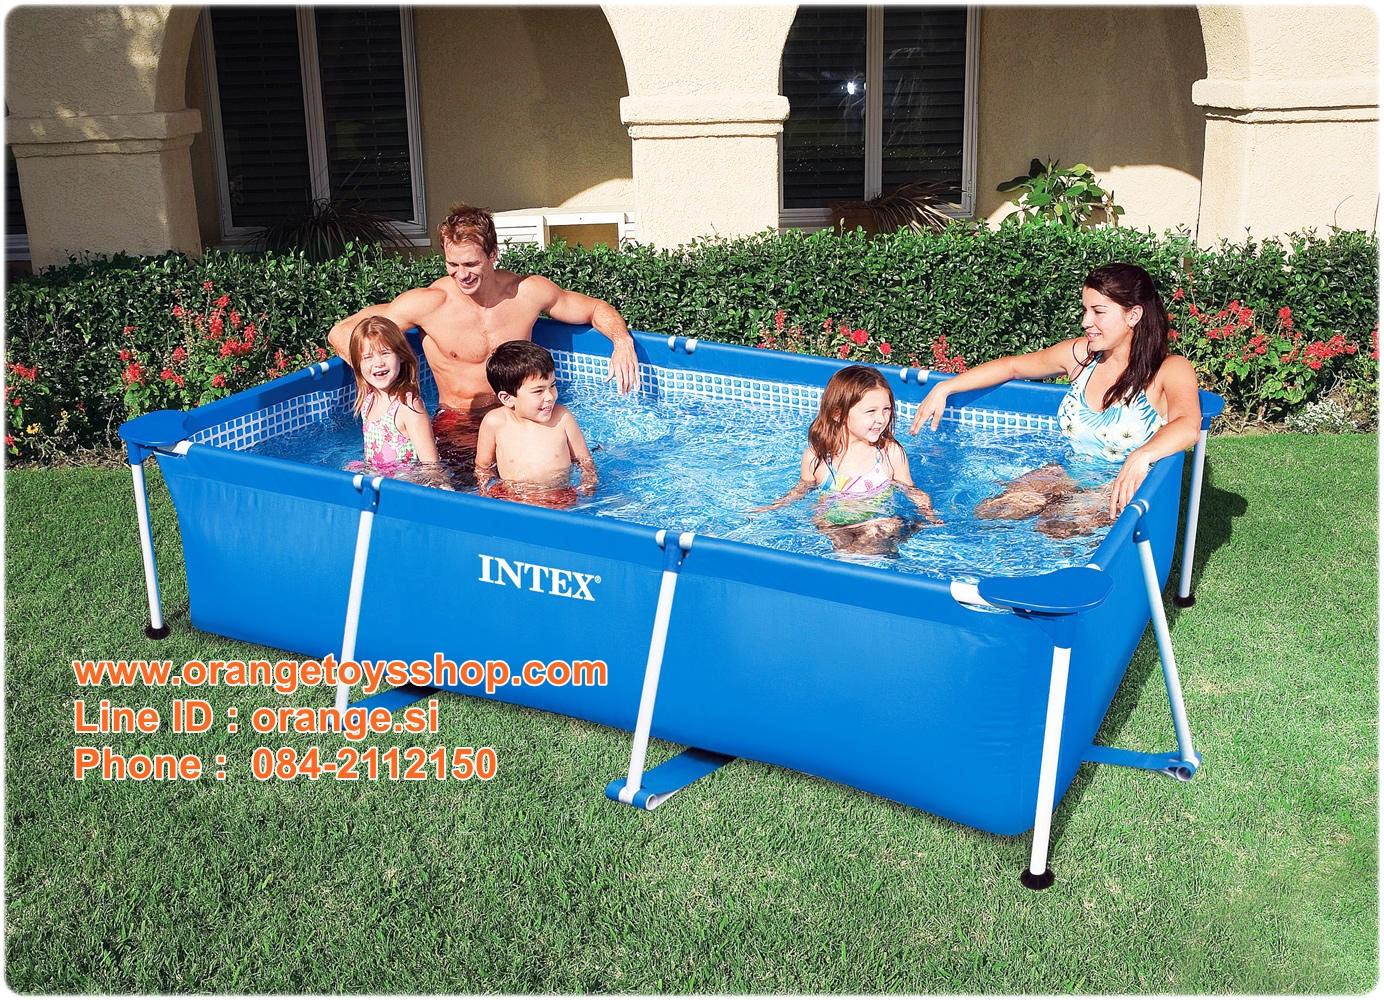 ( ขนาด 8.5 ฟุต ) สระน้ำสีเหลี่ยม 2.6 เมตร Rectangular Frame Swimming Pool (28271) ขนาด 260*160*65 เซนติเมตร